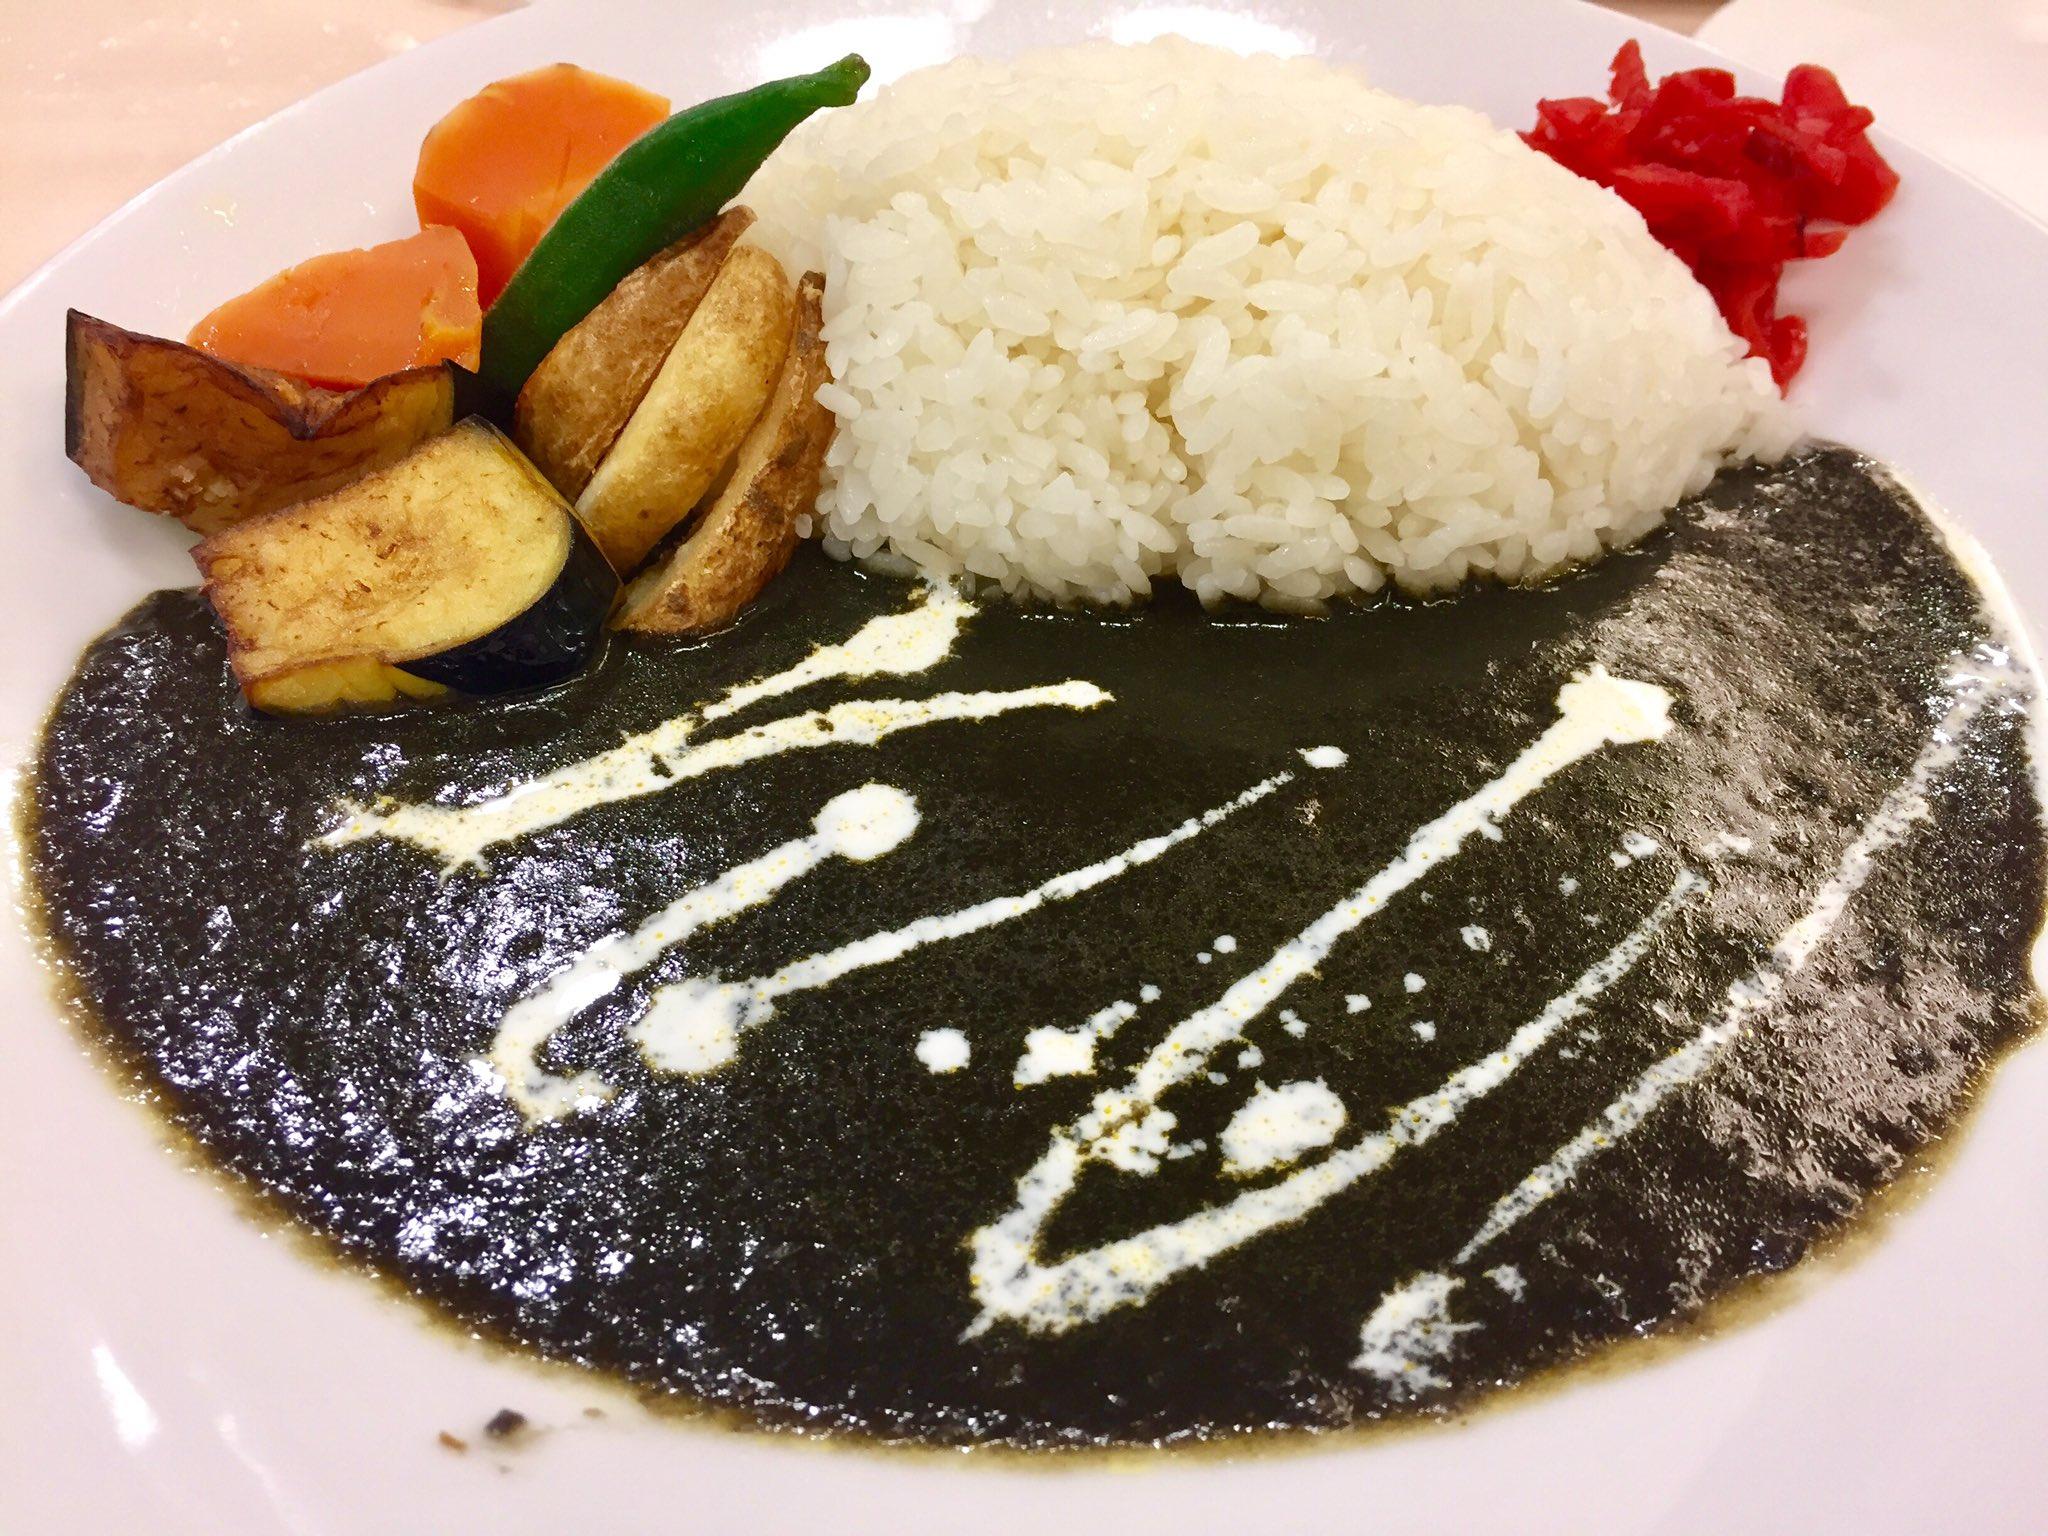 แกงกะหรี่ ญี่ปุ่น : แกงกะหรี่ดำโอมุระอามาคาระ (Omura Amakara Kuro Curry) จ.นางาซากอ (NAGASAKI)